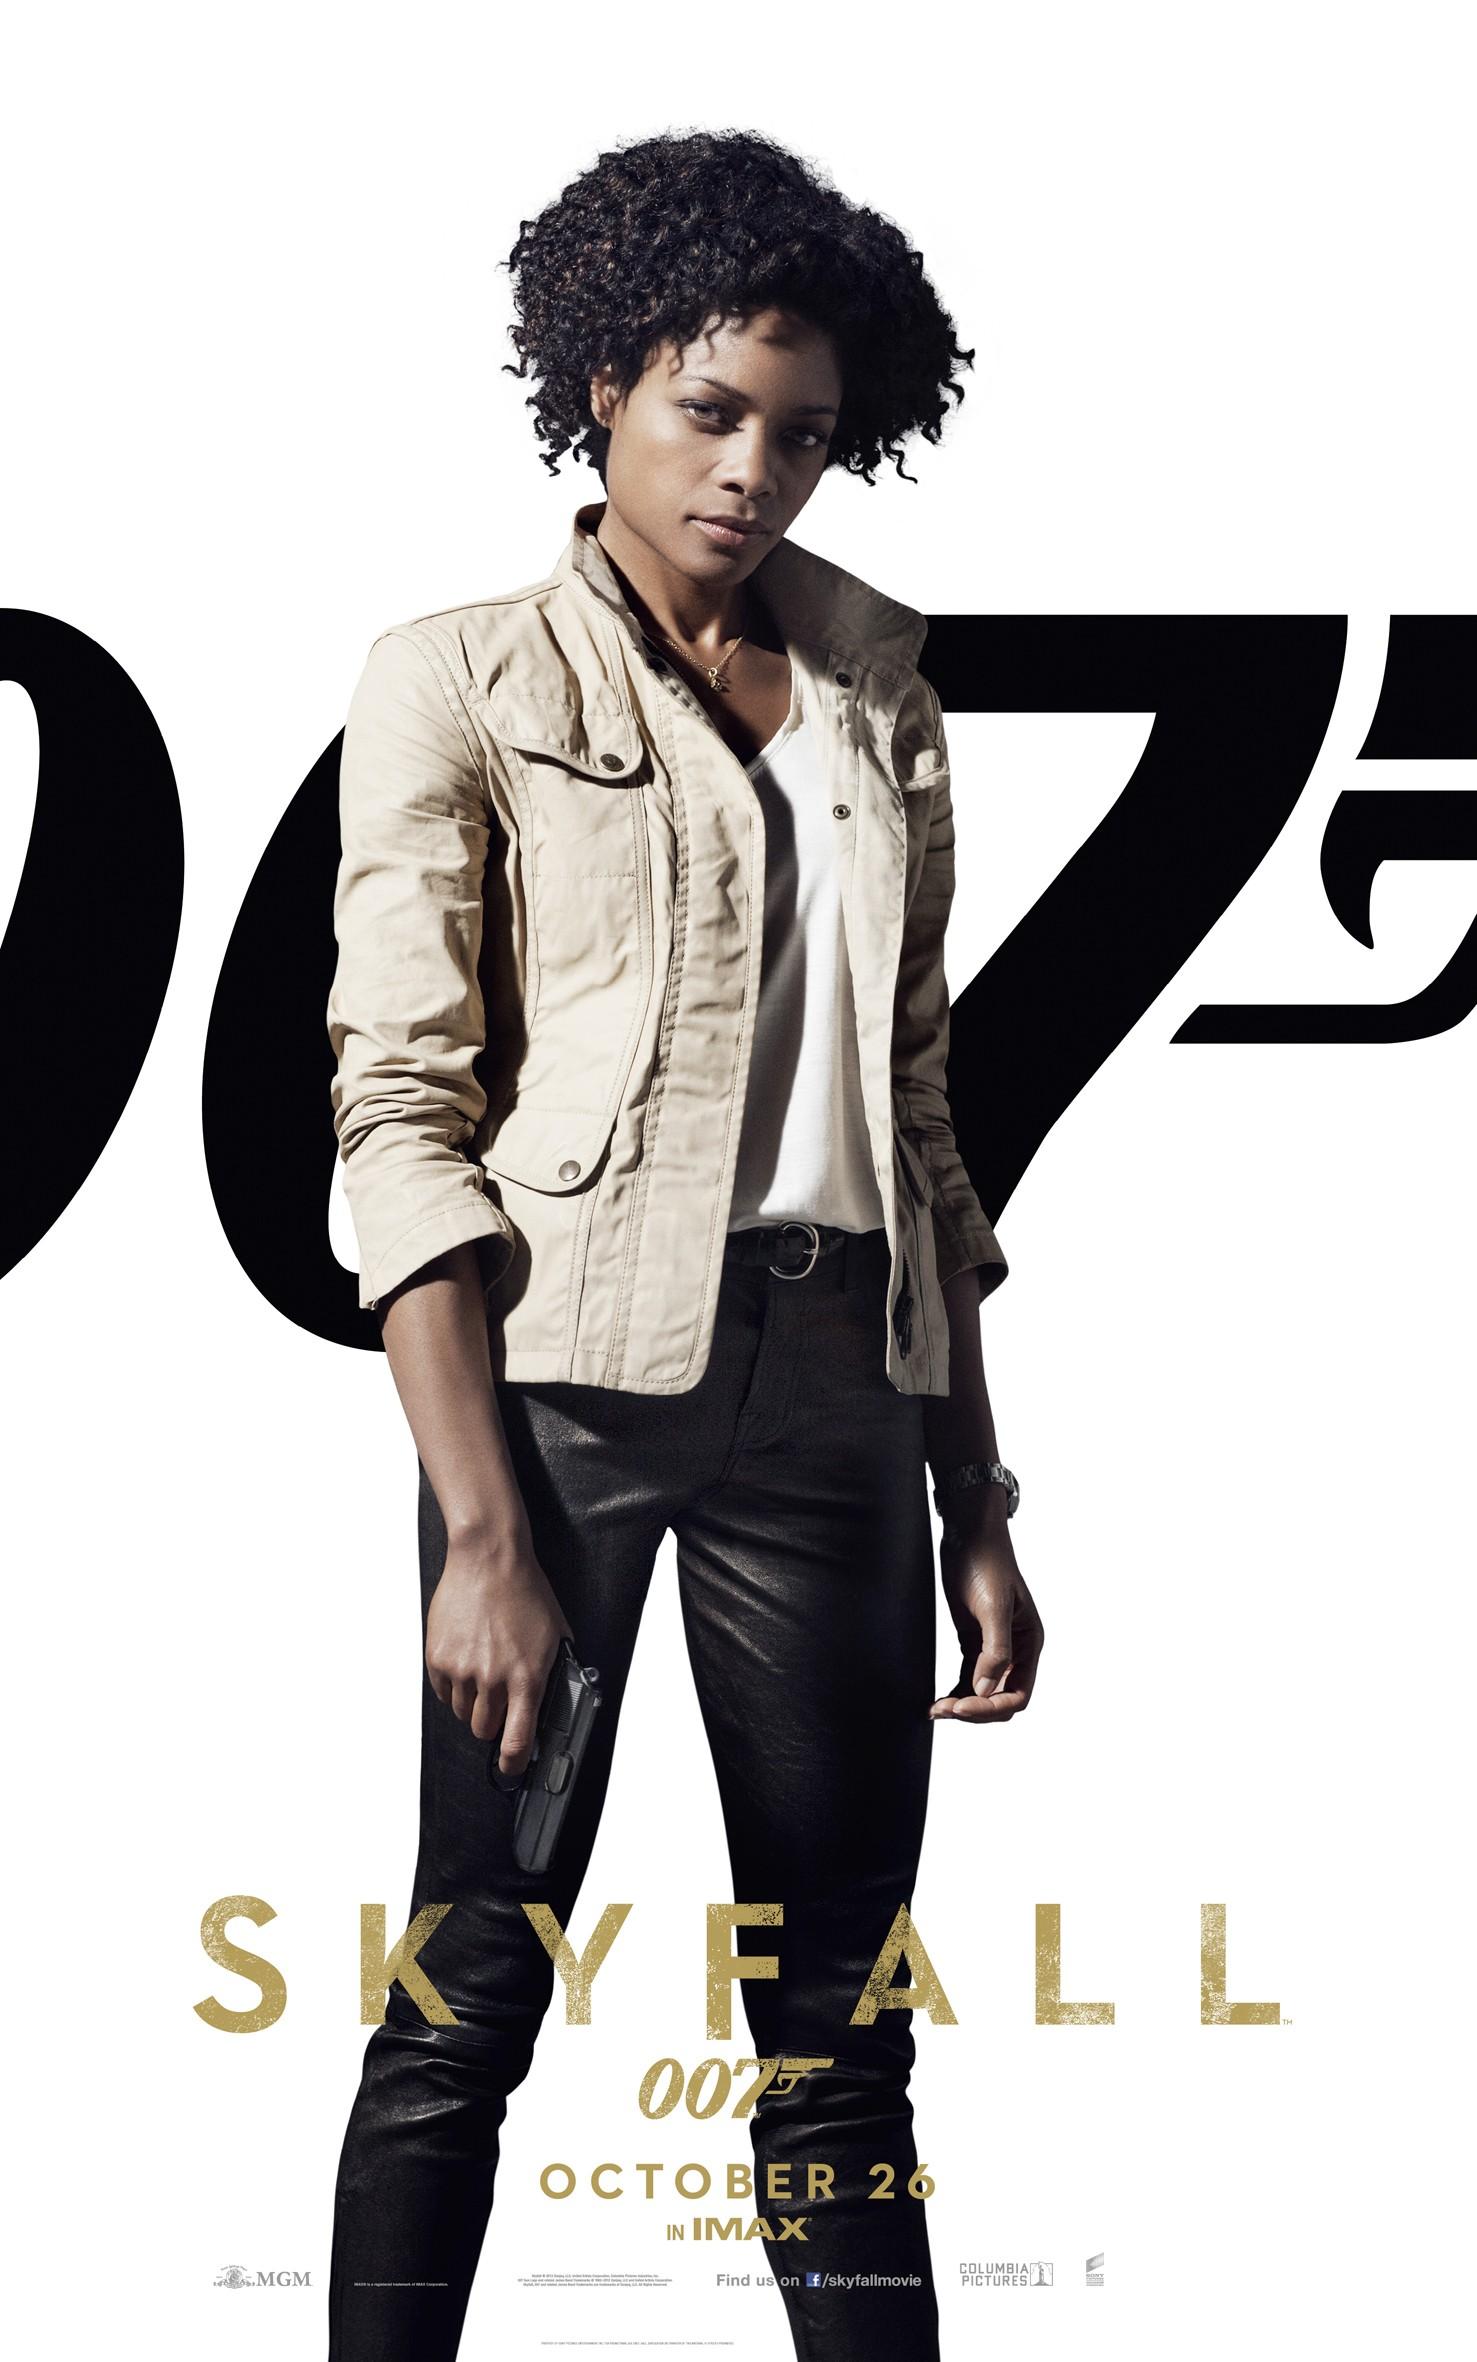 плакат фильма характер-постер 007 Координаты Скайфолл